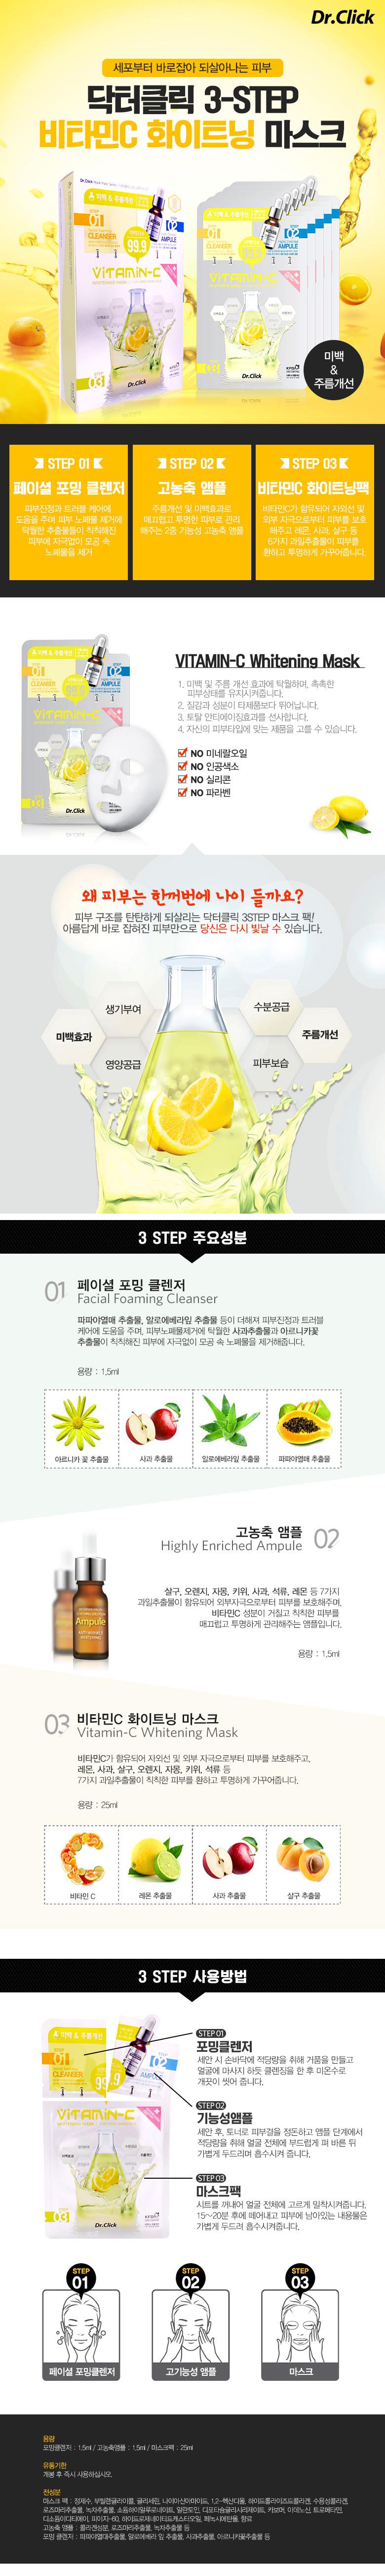 닥터클릭 비타민 Dr.click vitamin-c